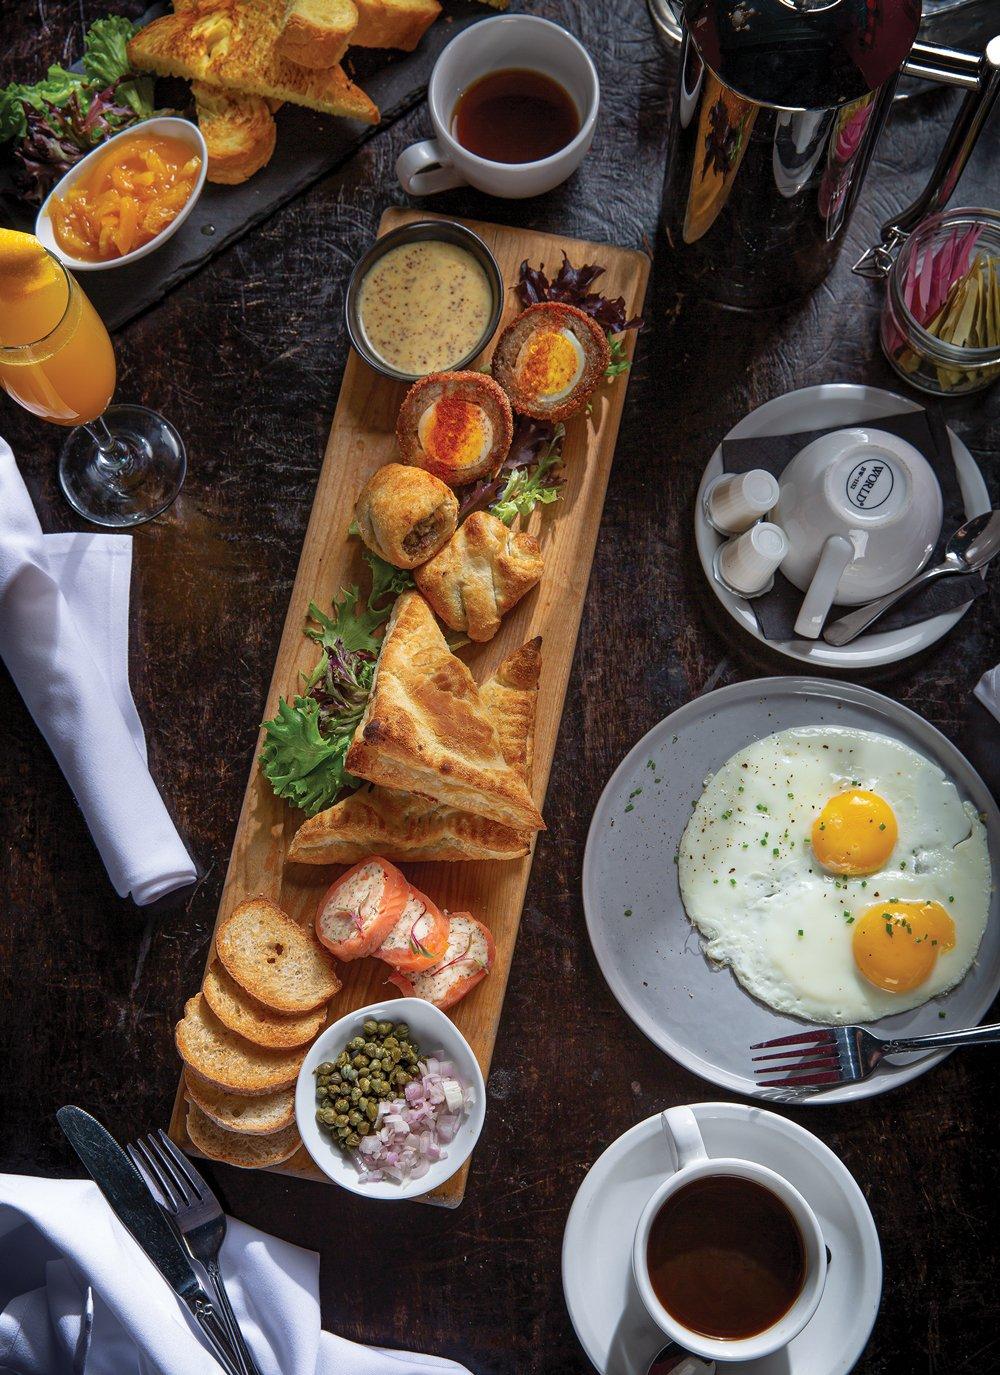 The Best Breakfast And Brunch Spots In St Louis